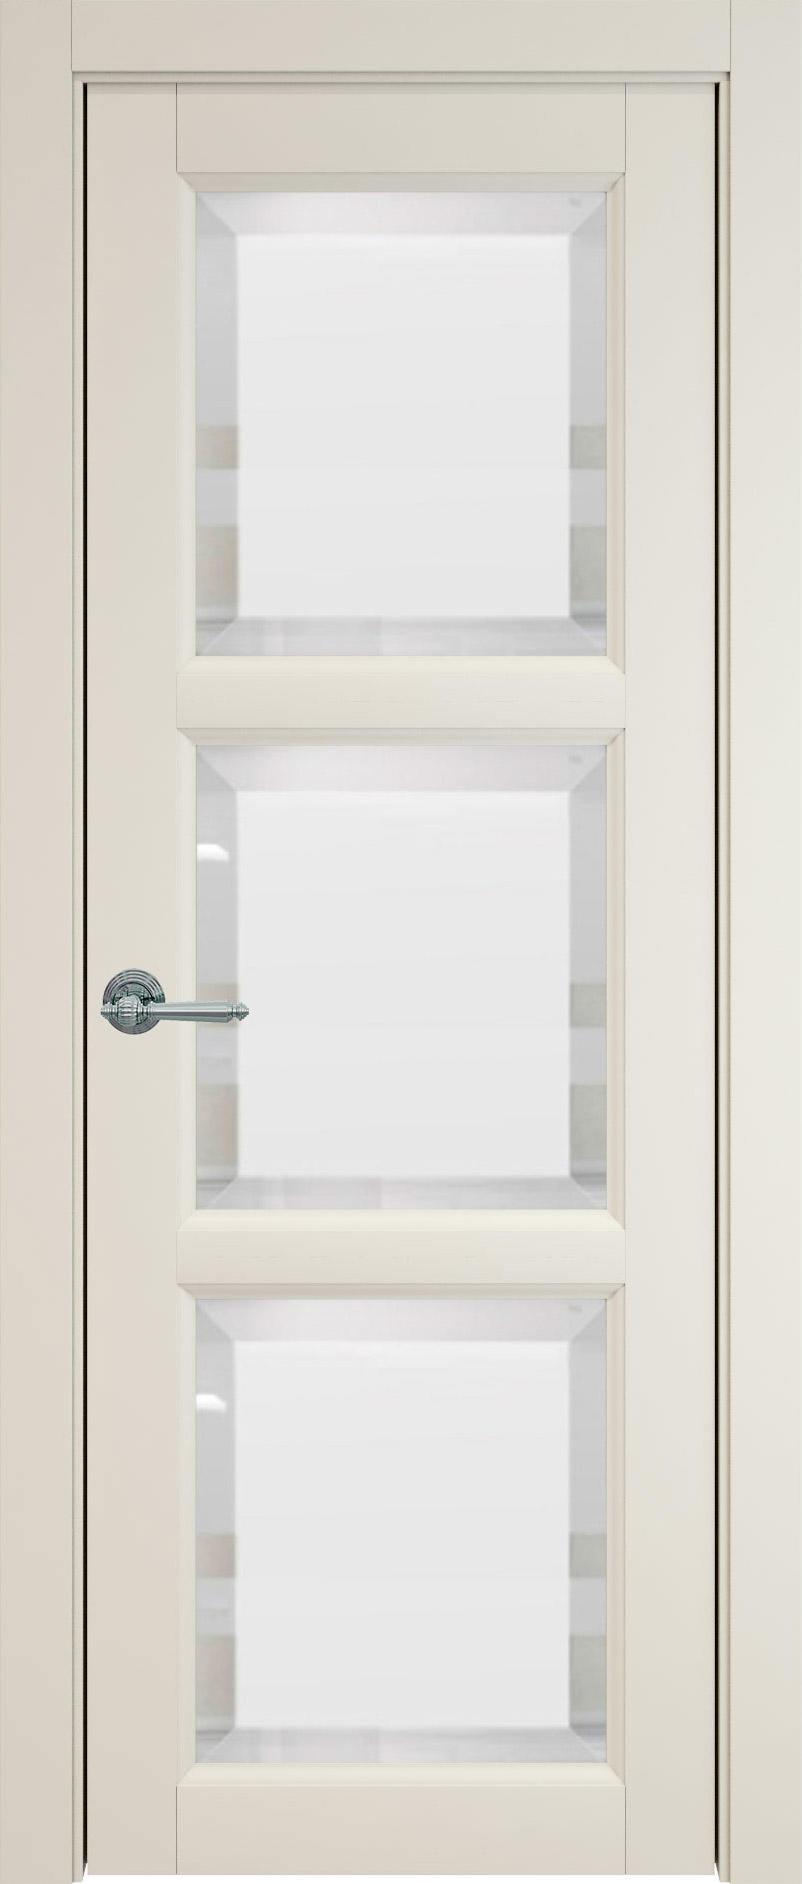 Milano цвет - Жемчужная эмаль (RAL 1013) Со стеклом (ДО)